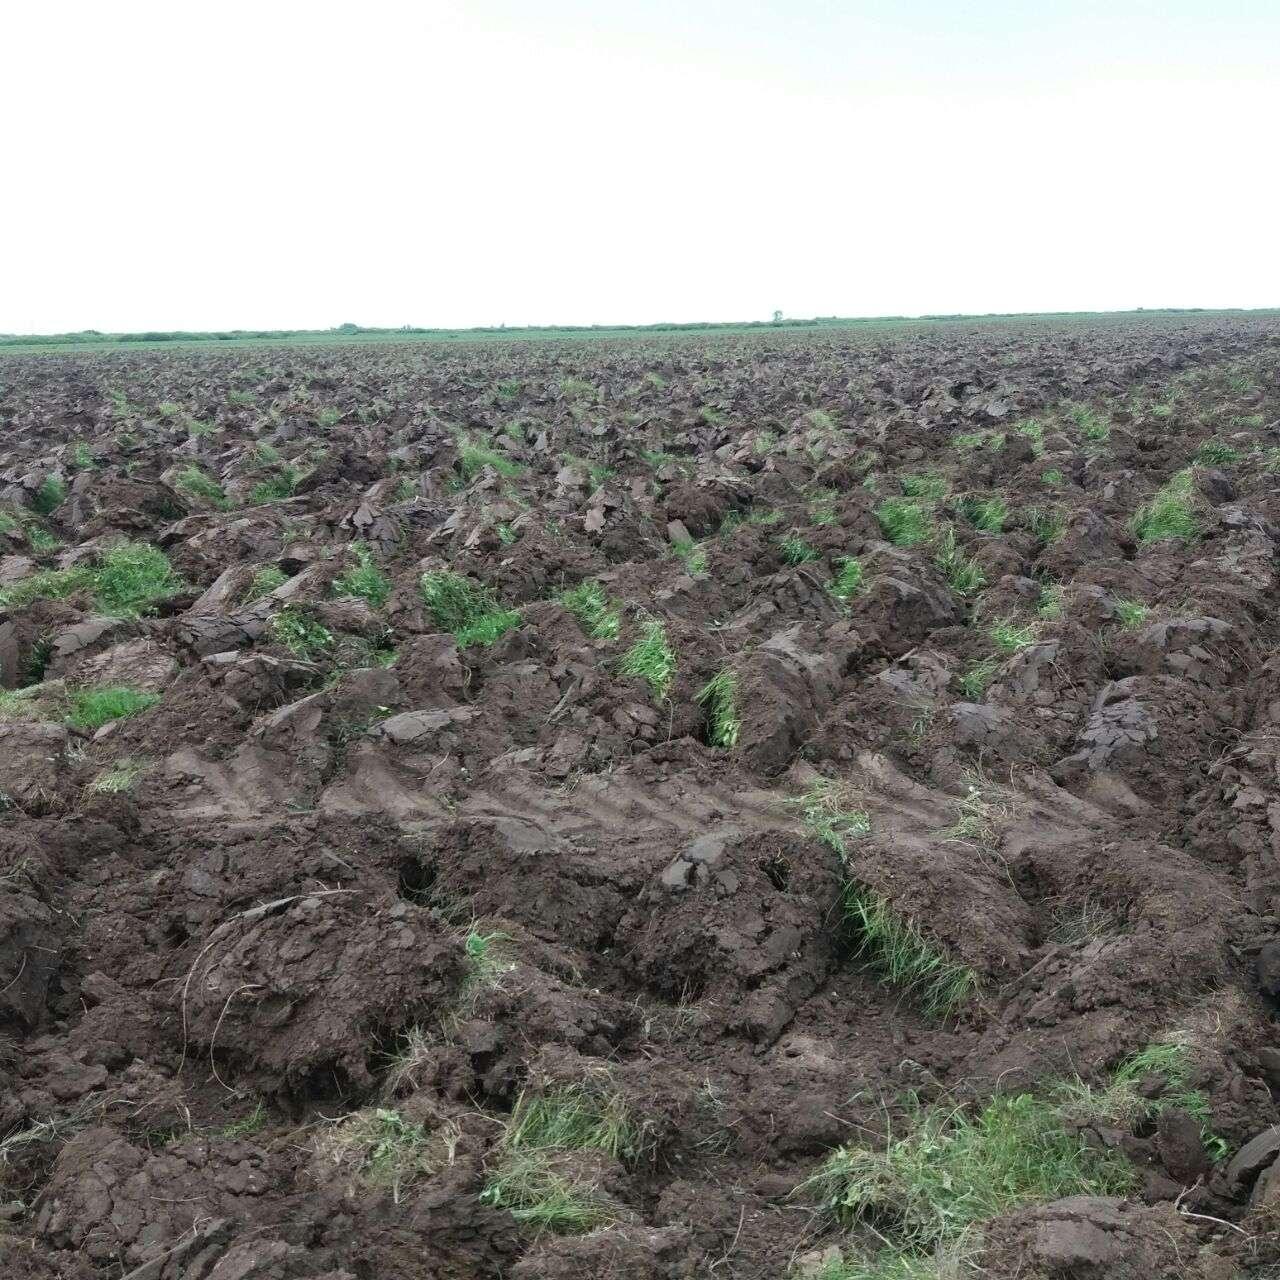 В посёлке Тайтобе Косшынского сельского округа без разрешения местных властей вспахали 15 га земли